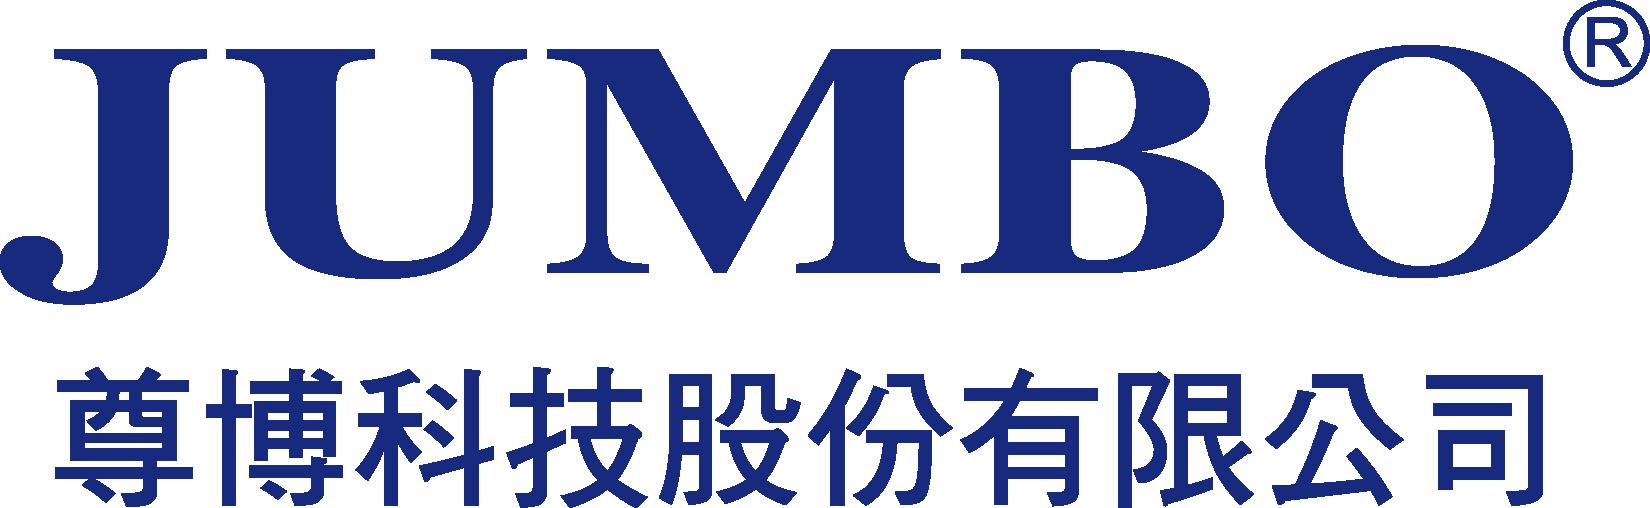 尊博科技股份有限公司-Logo